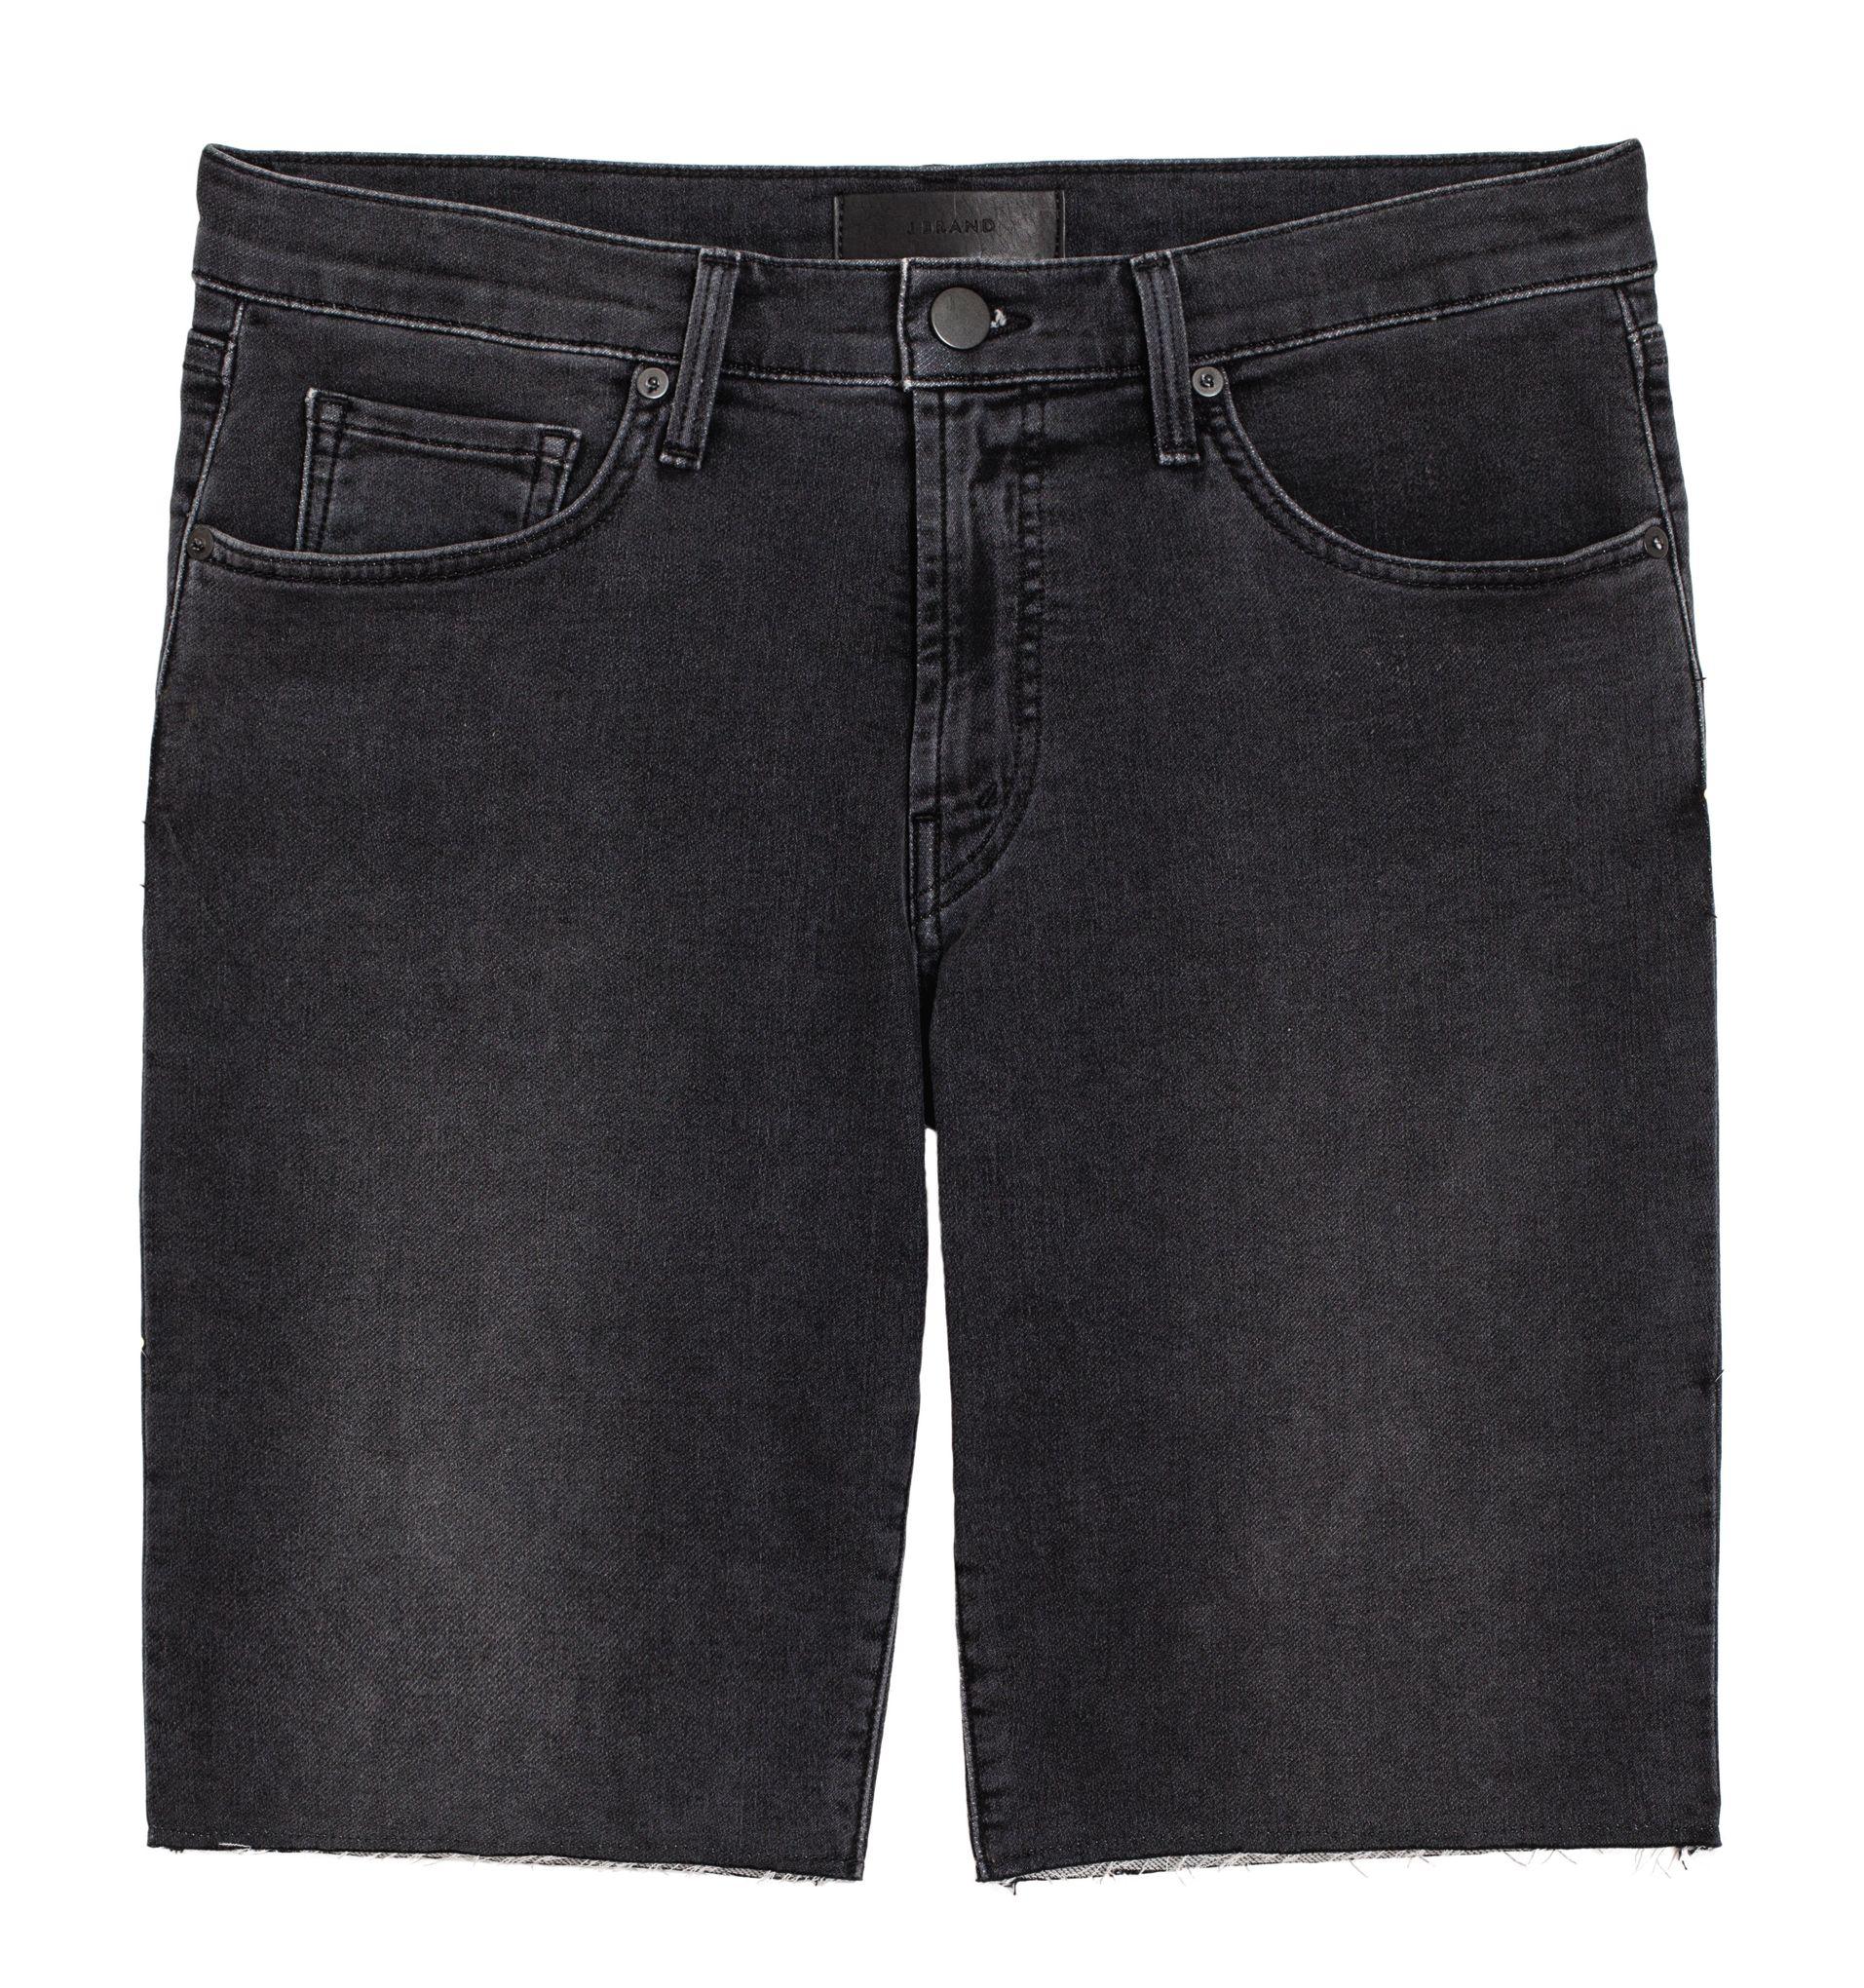 7af807ffc0001 Homme : comment bien choisir son short?